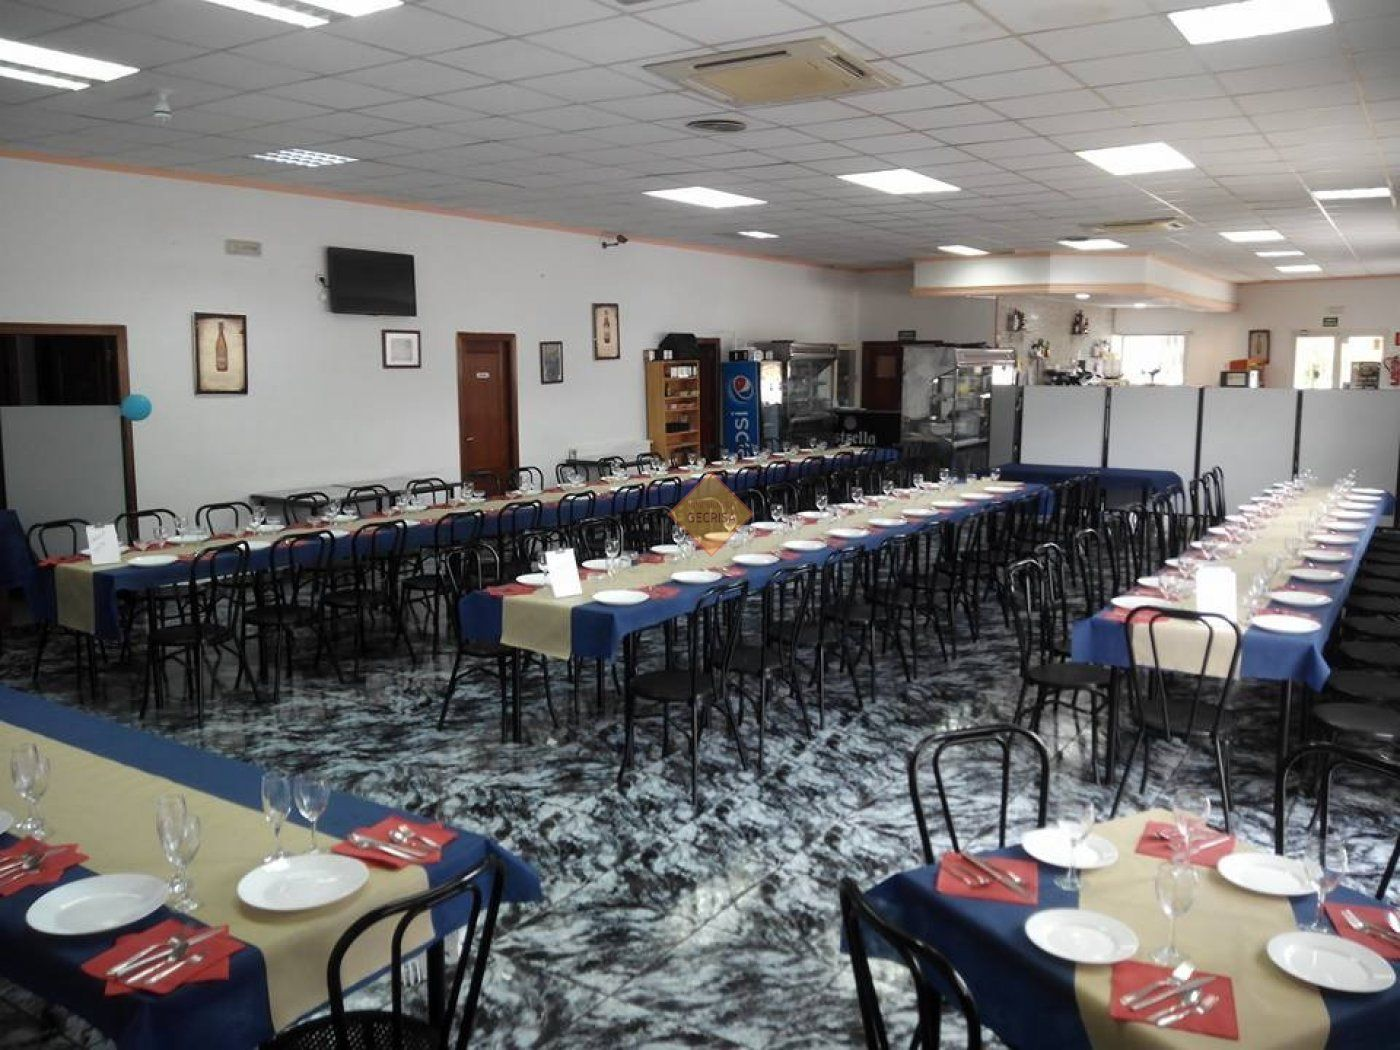 Traspàs Local Comercial  Paterna ,poligono industrial fuente del jarro. Excelente bar restaurante totalmente equipado